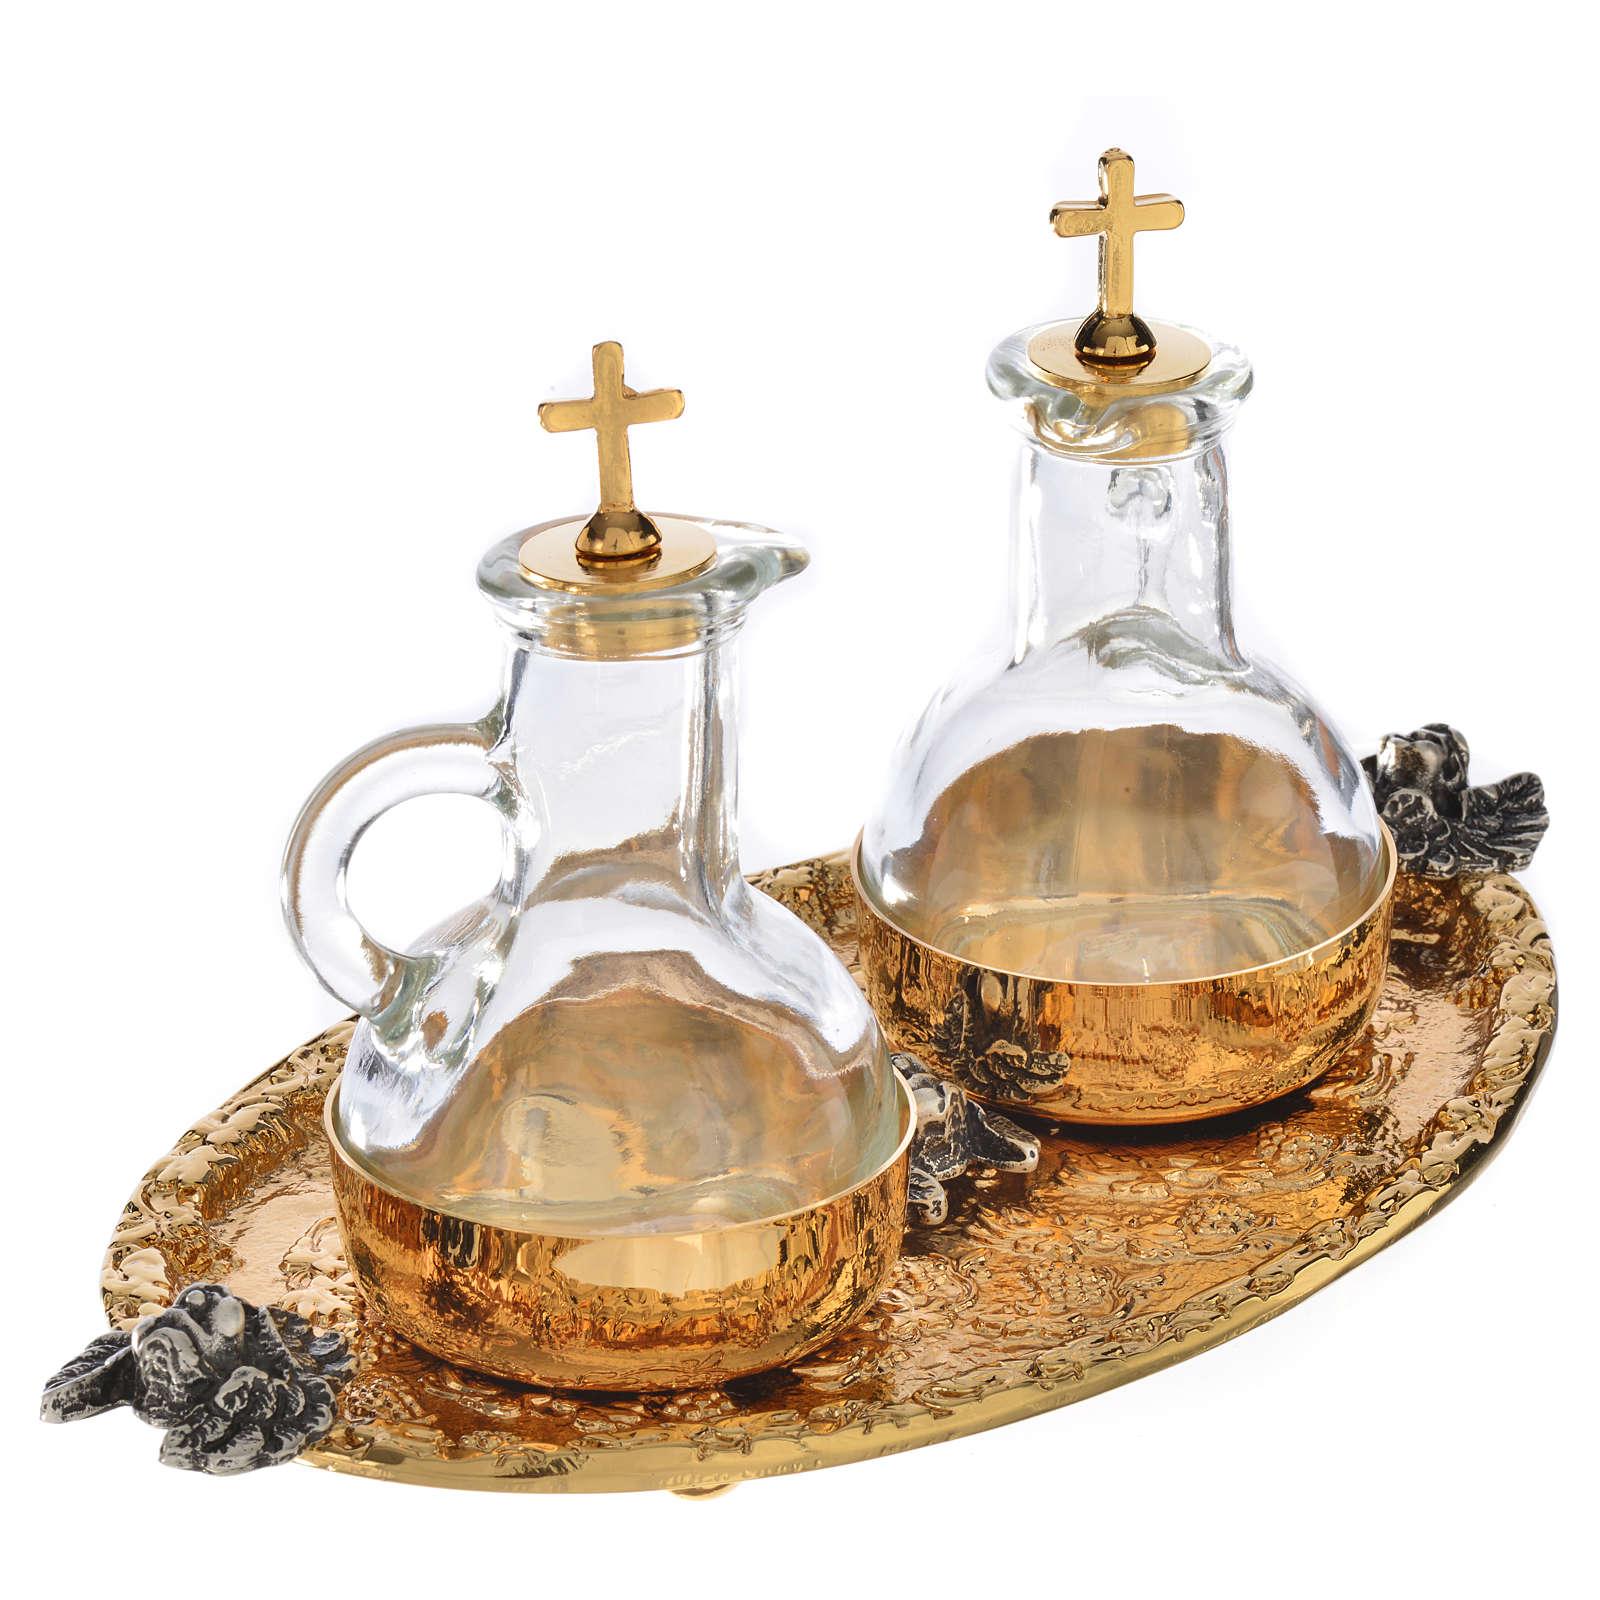 Vassoio ampolline acqua e vino fusione di ottone 4